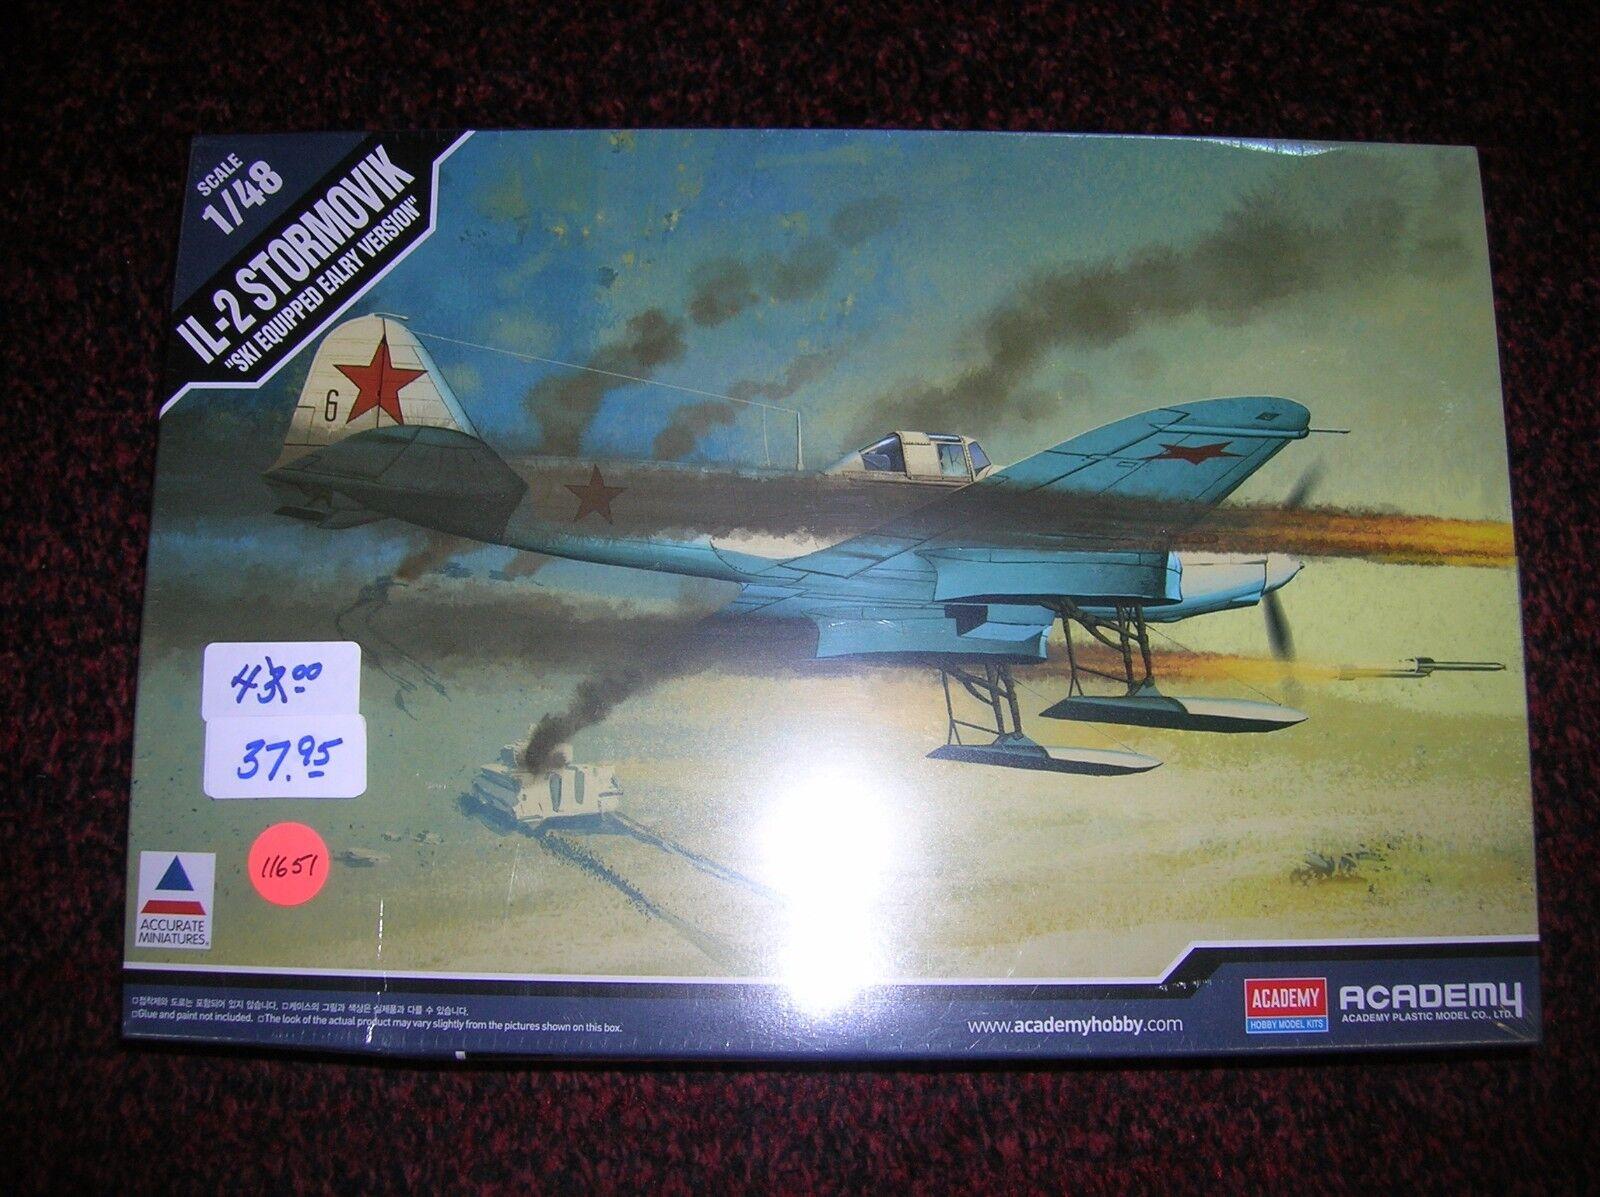 Academy   IL-2 Stormovik   Russian      1 48 list   43.00 lot